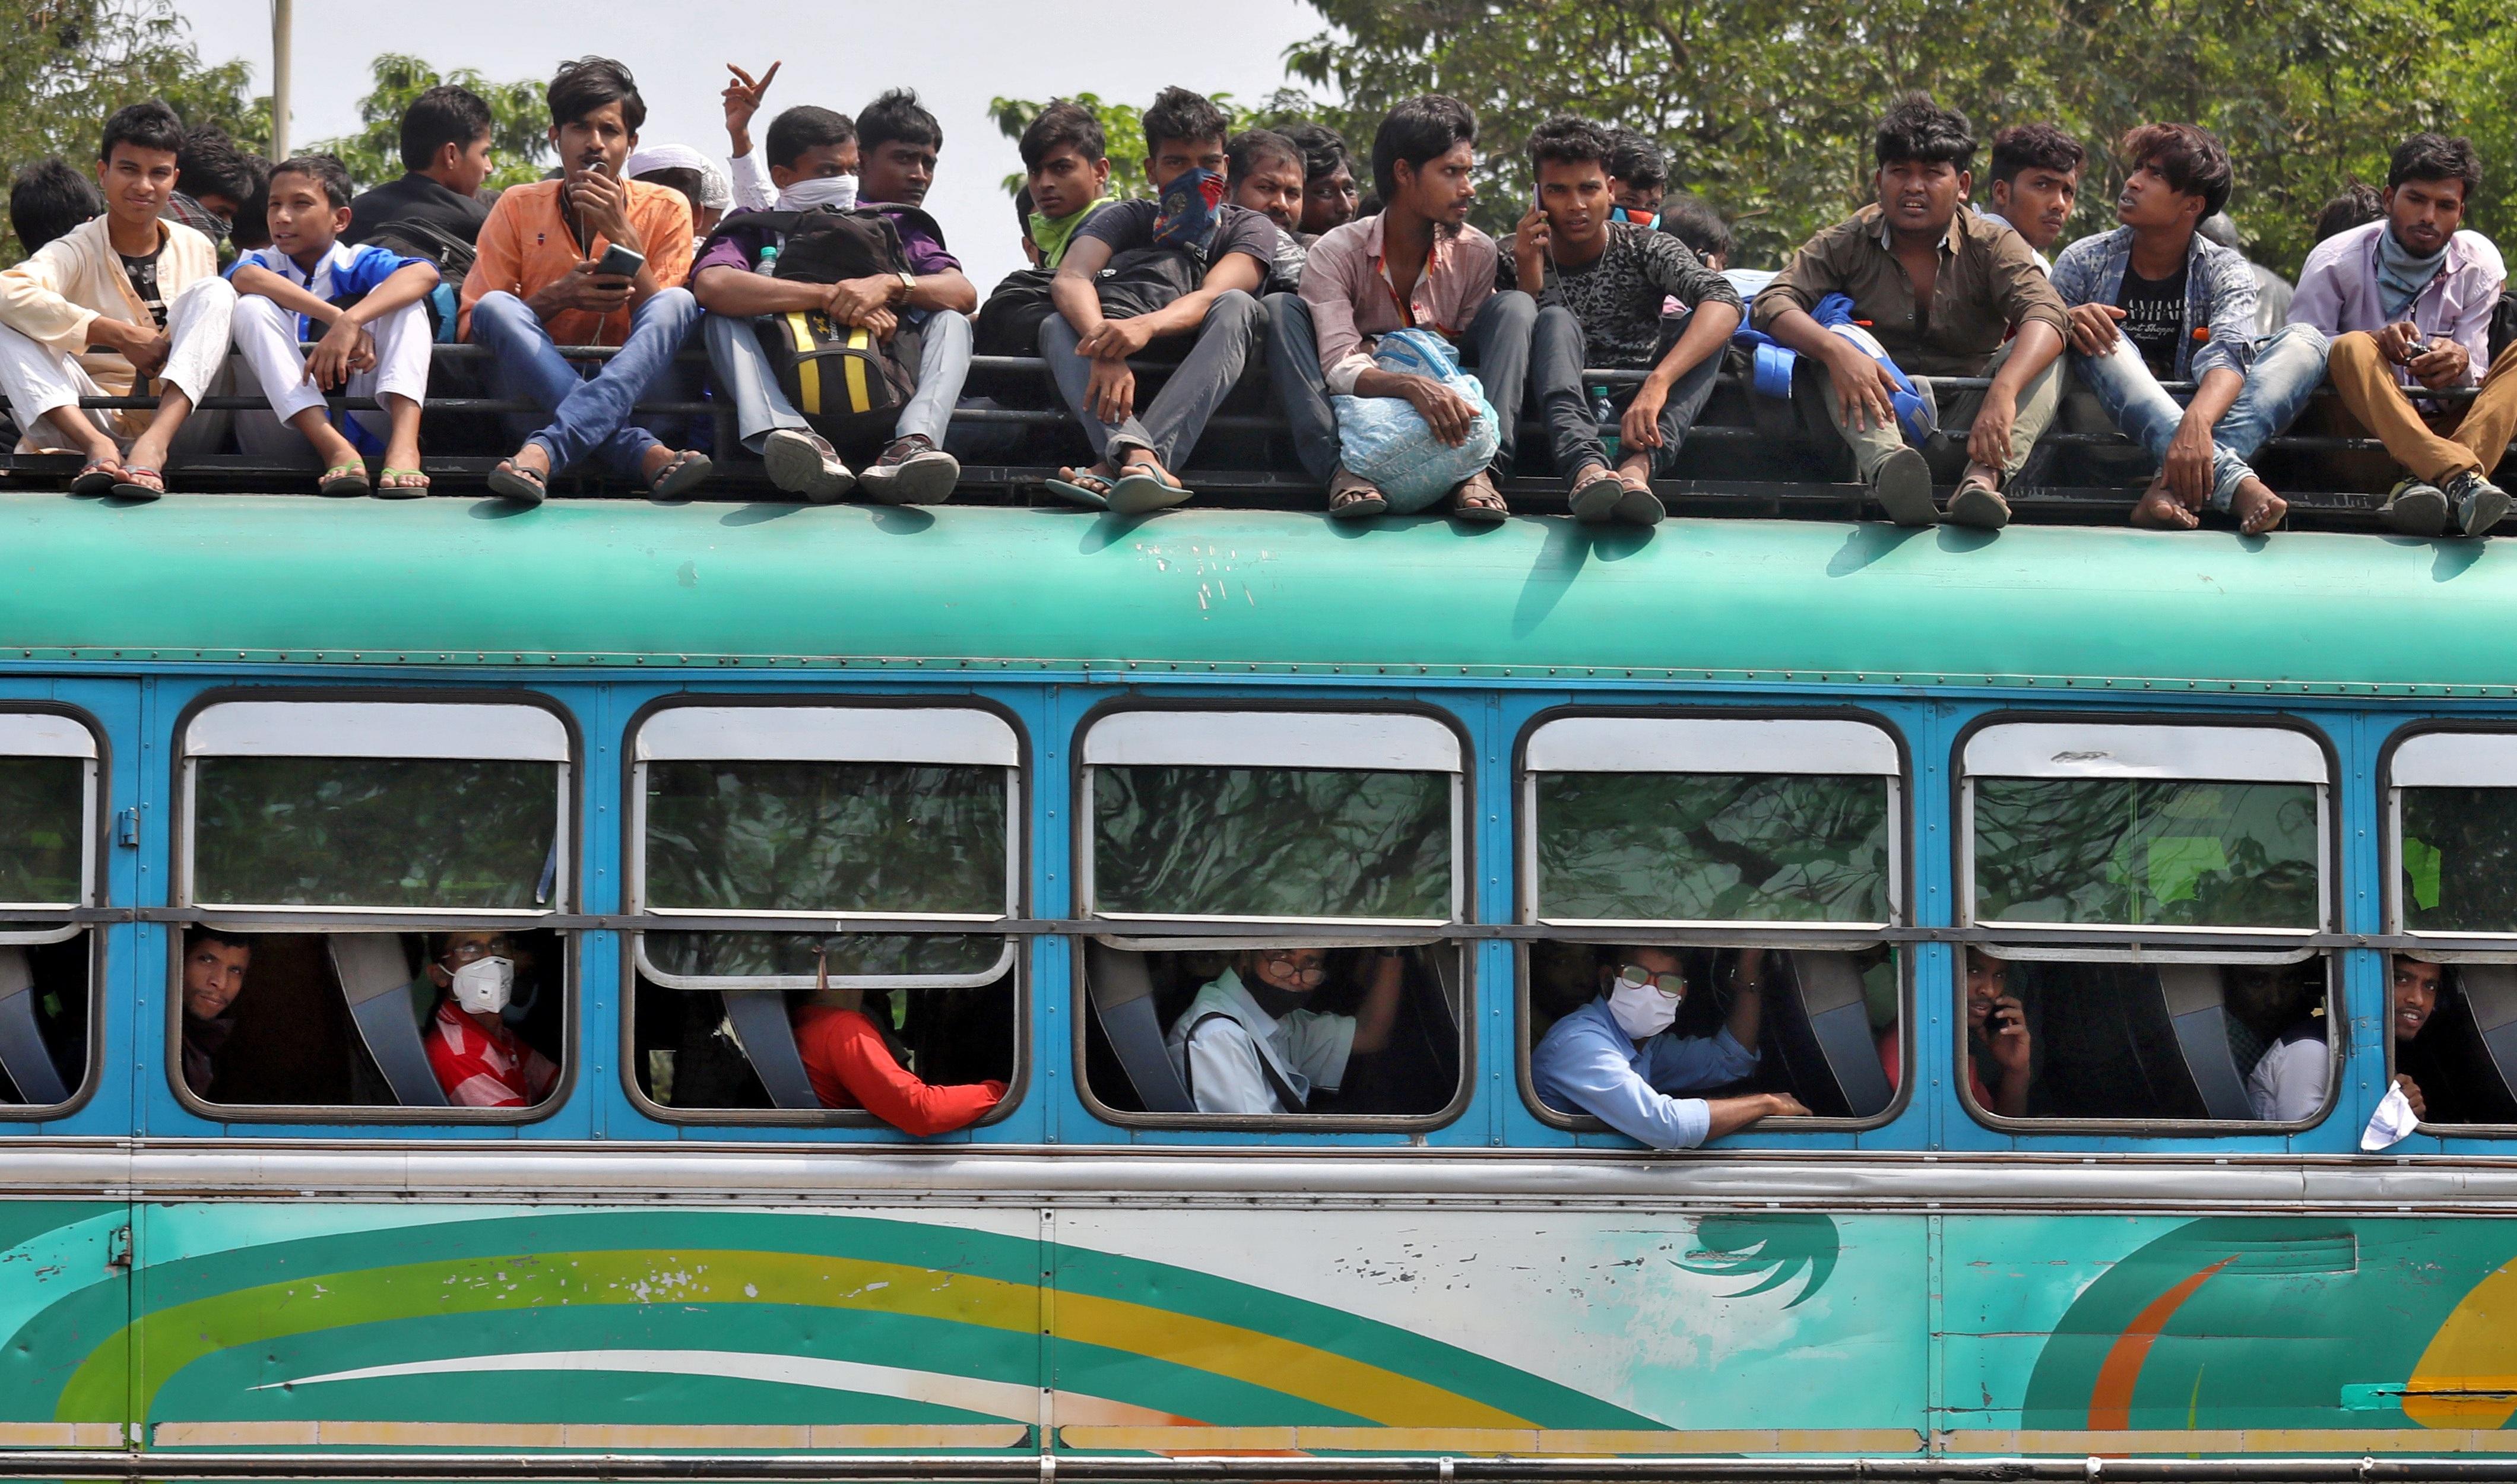 1,3 tỷ dân Ấn Độ bị phong tỏa để chống dịch Covid-19 - 4